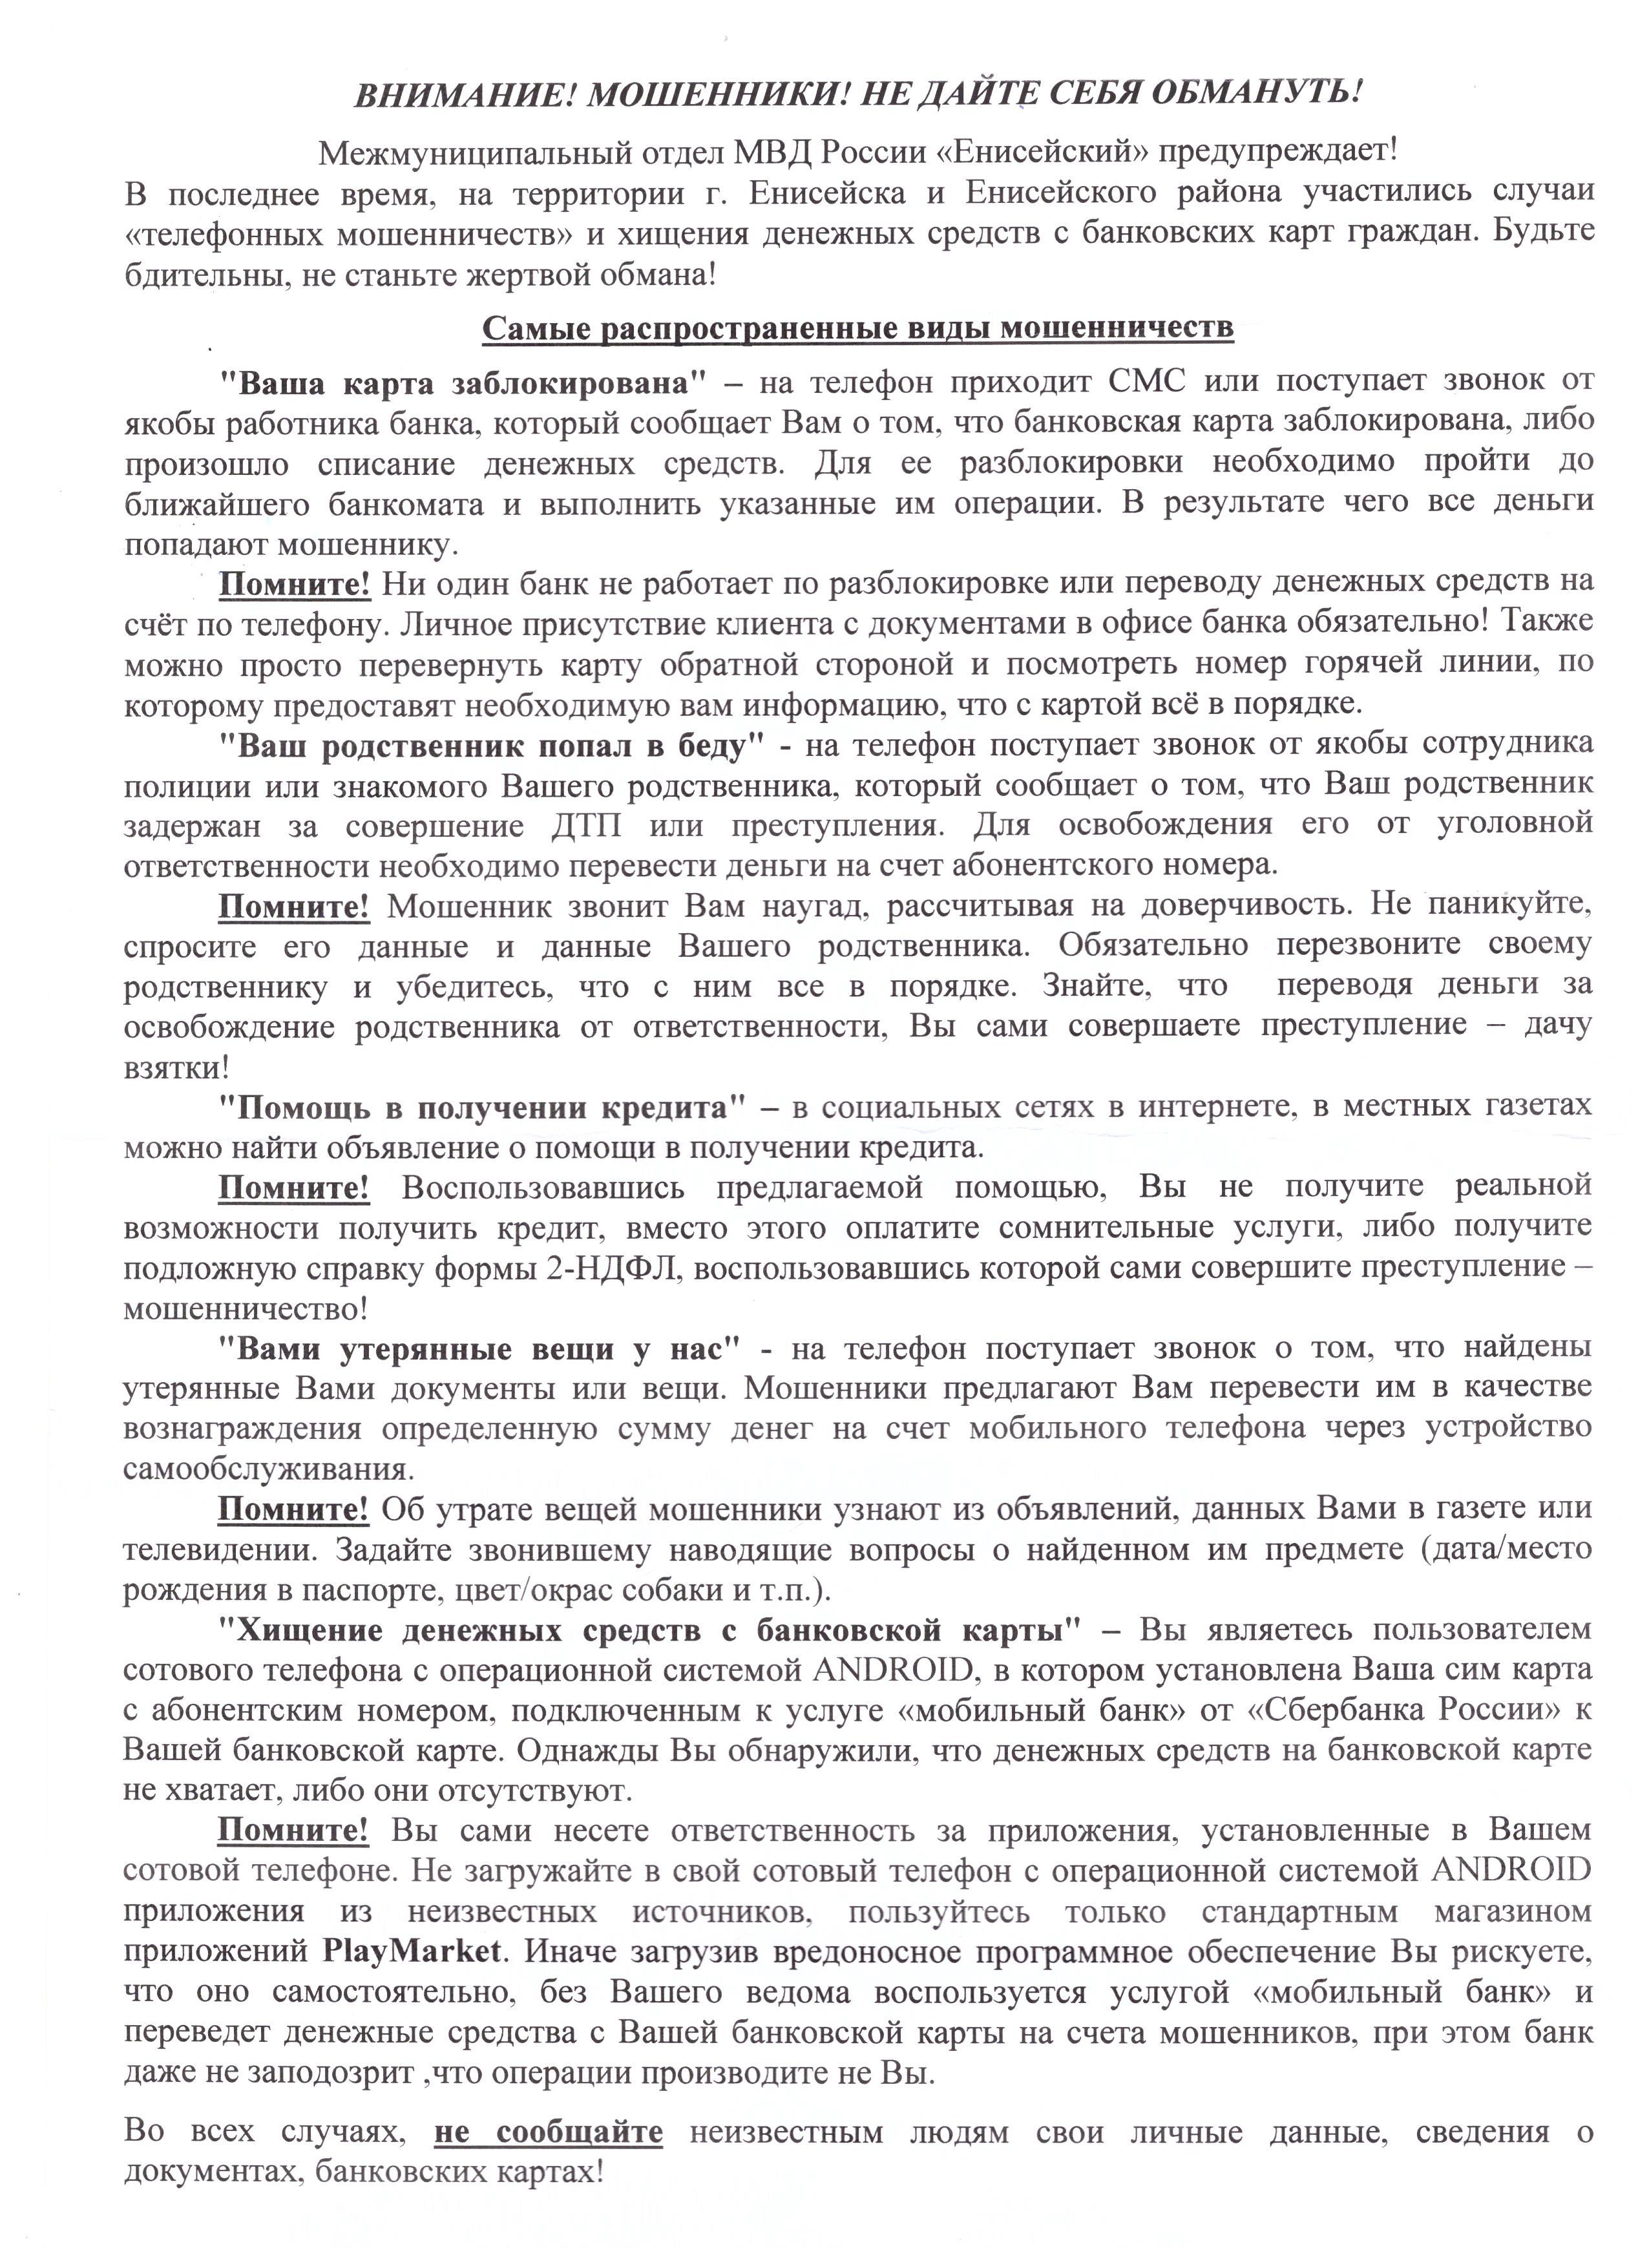 http://enisschool1.moy.su/arhiv/2018-2019/telefonnye_moshenniki.jpeg